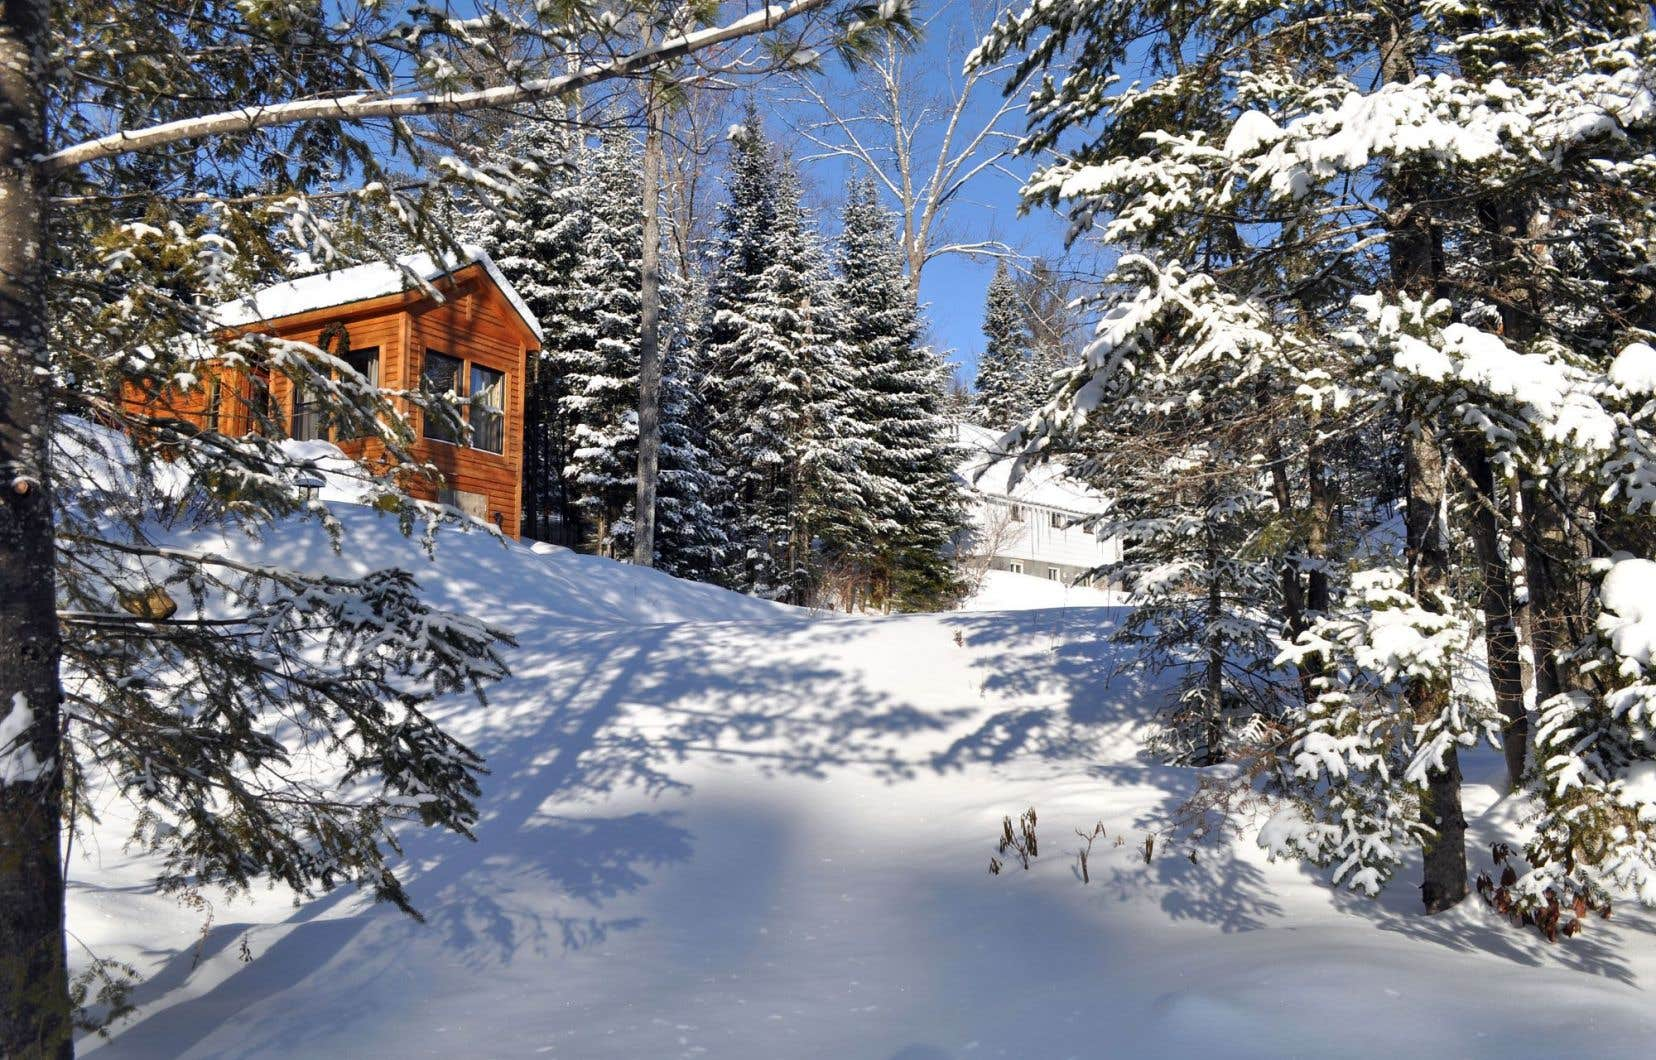 À Saint-Alphonse-Rodriguez, un hameau de chalets au bord du lac Pierre porte le nom d'Émélie Marchand-Payette, native de l'endroit.